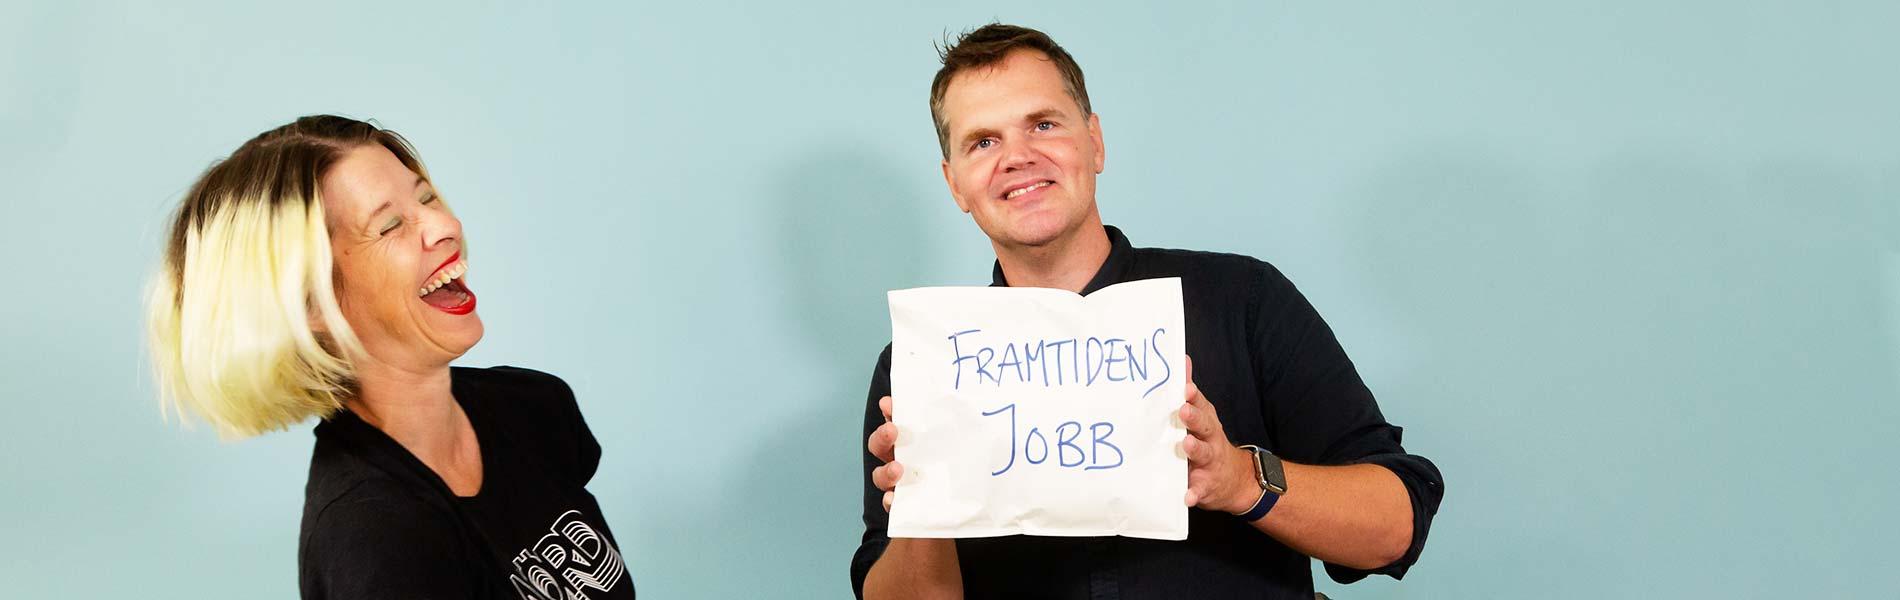 Linda Sandberg och Kjell Eriksson har hittat framtiden jobb